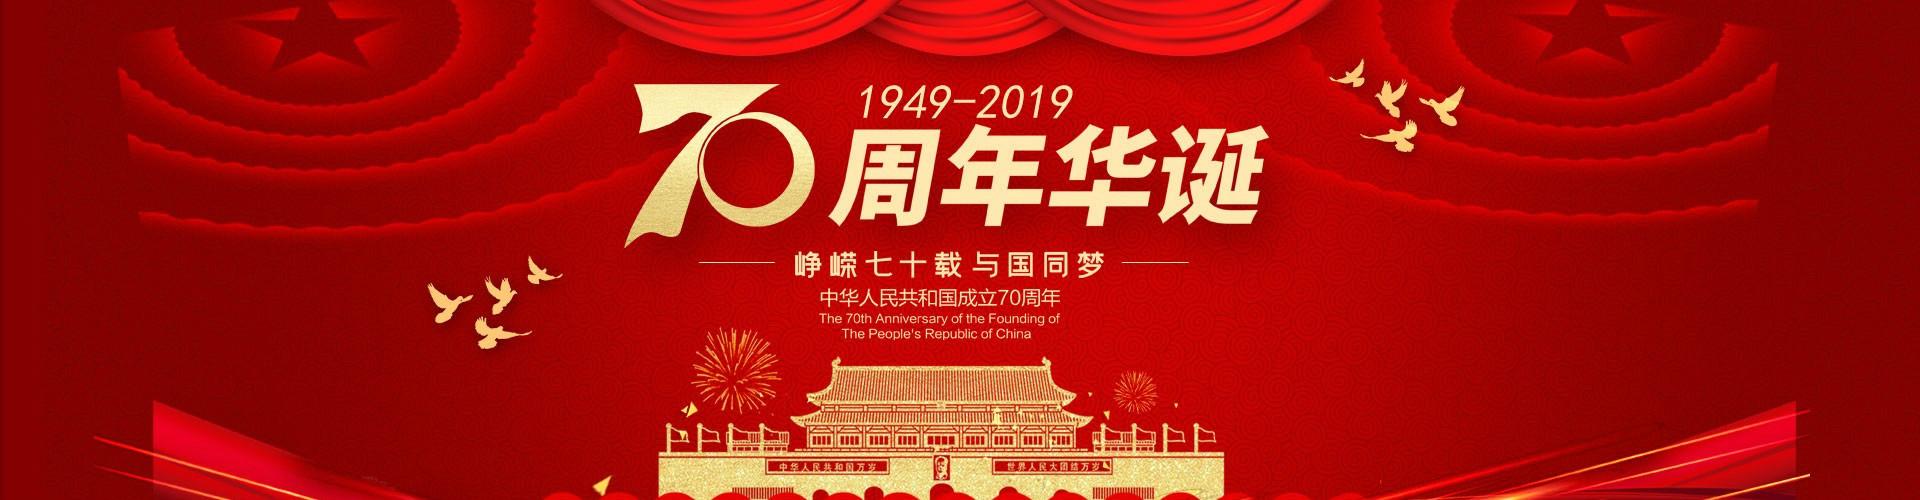 70周年华诞.